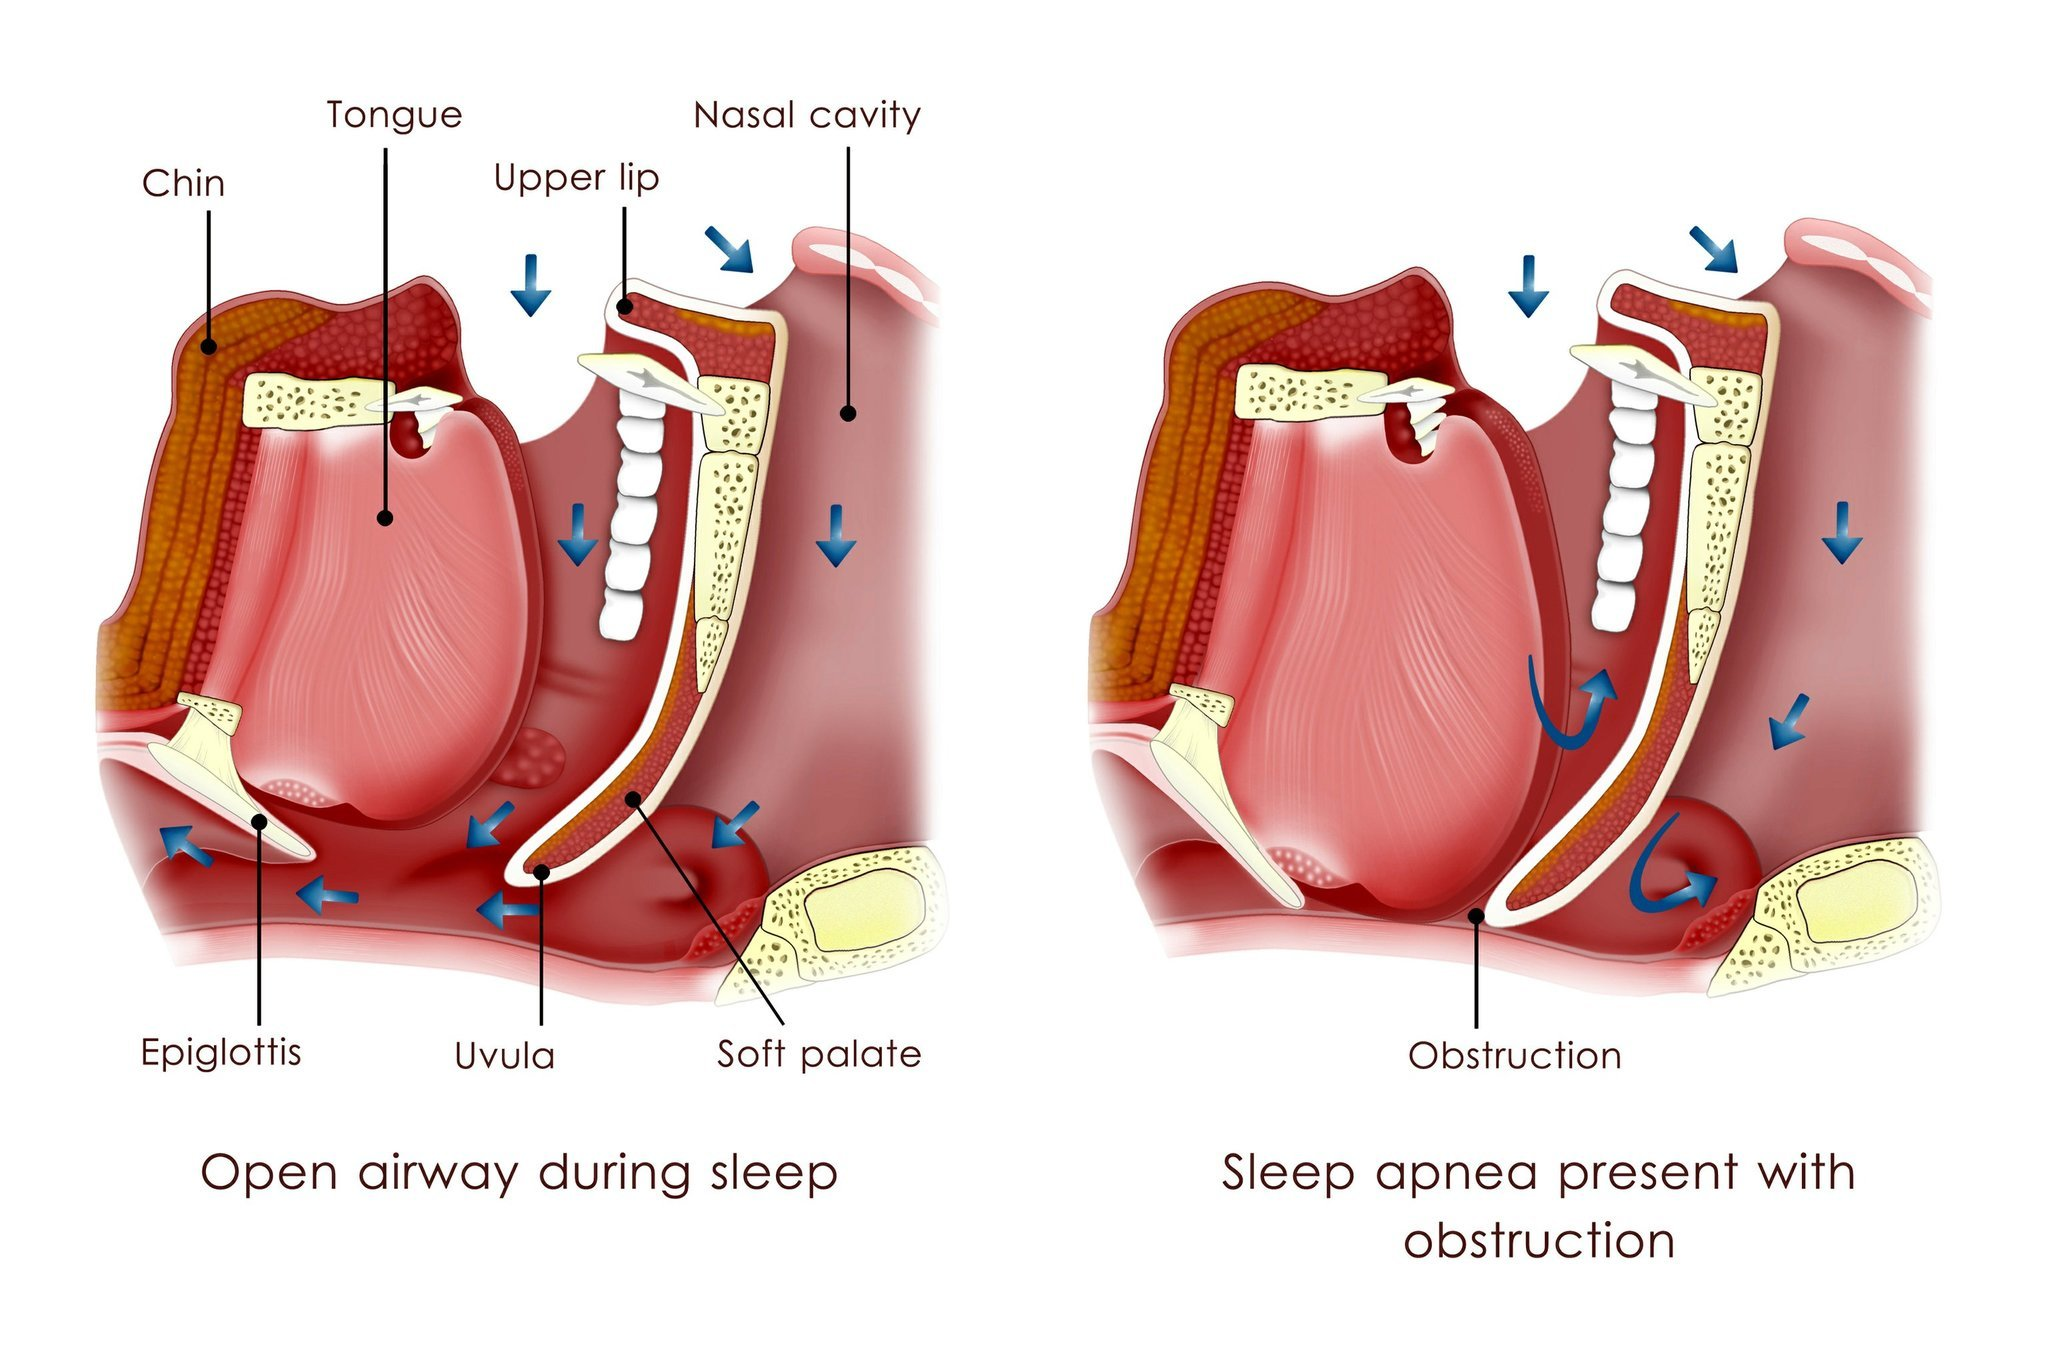 Obstructive sleep apnea can be an underestimated foe